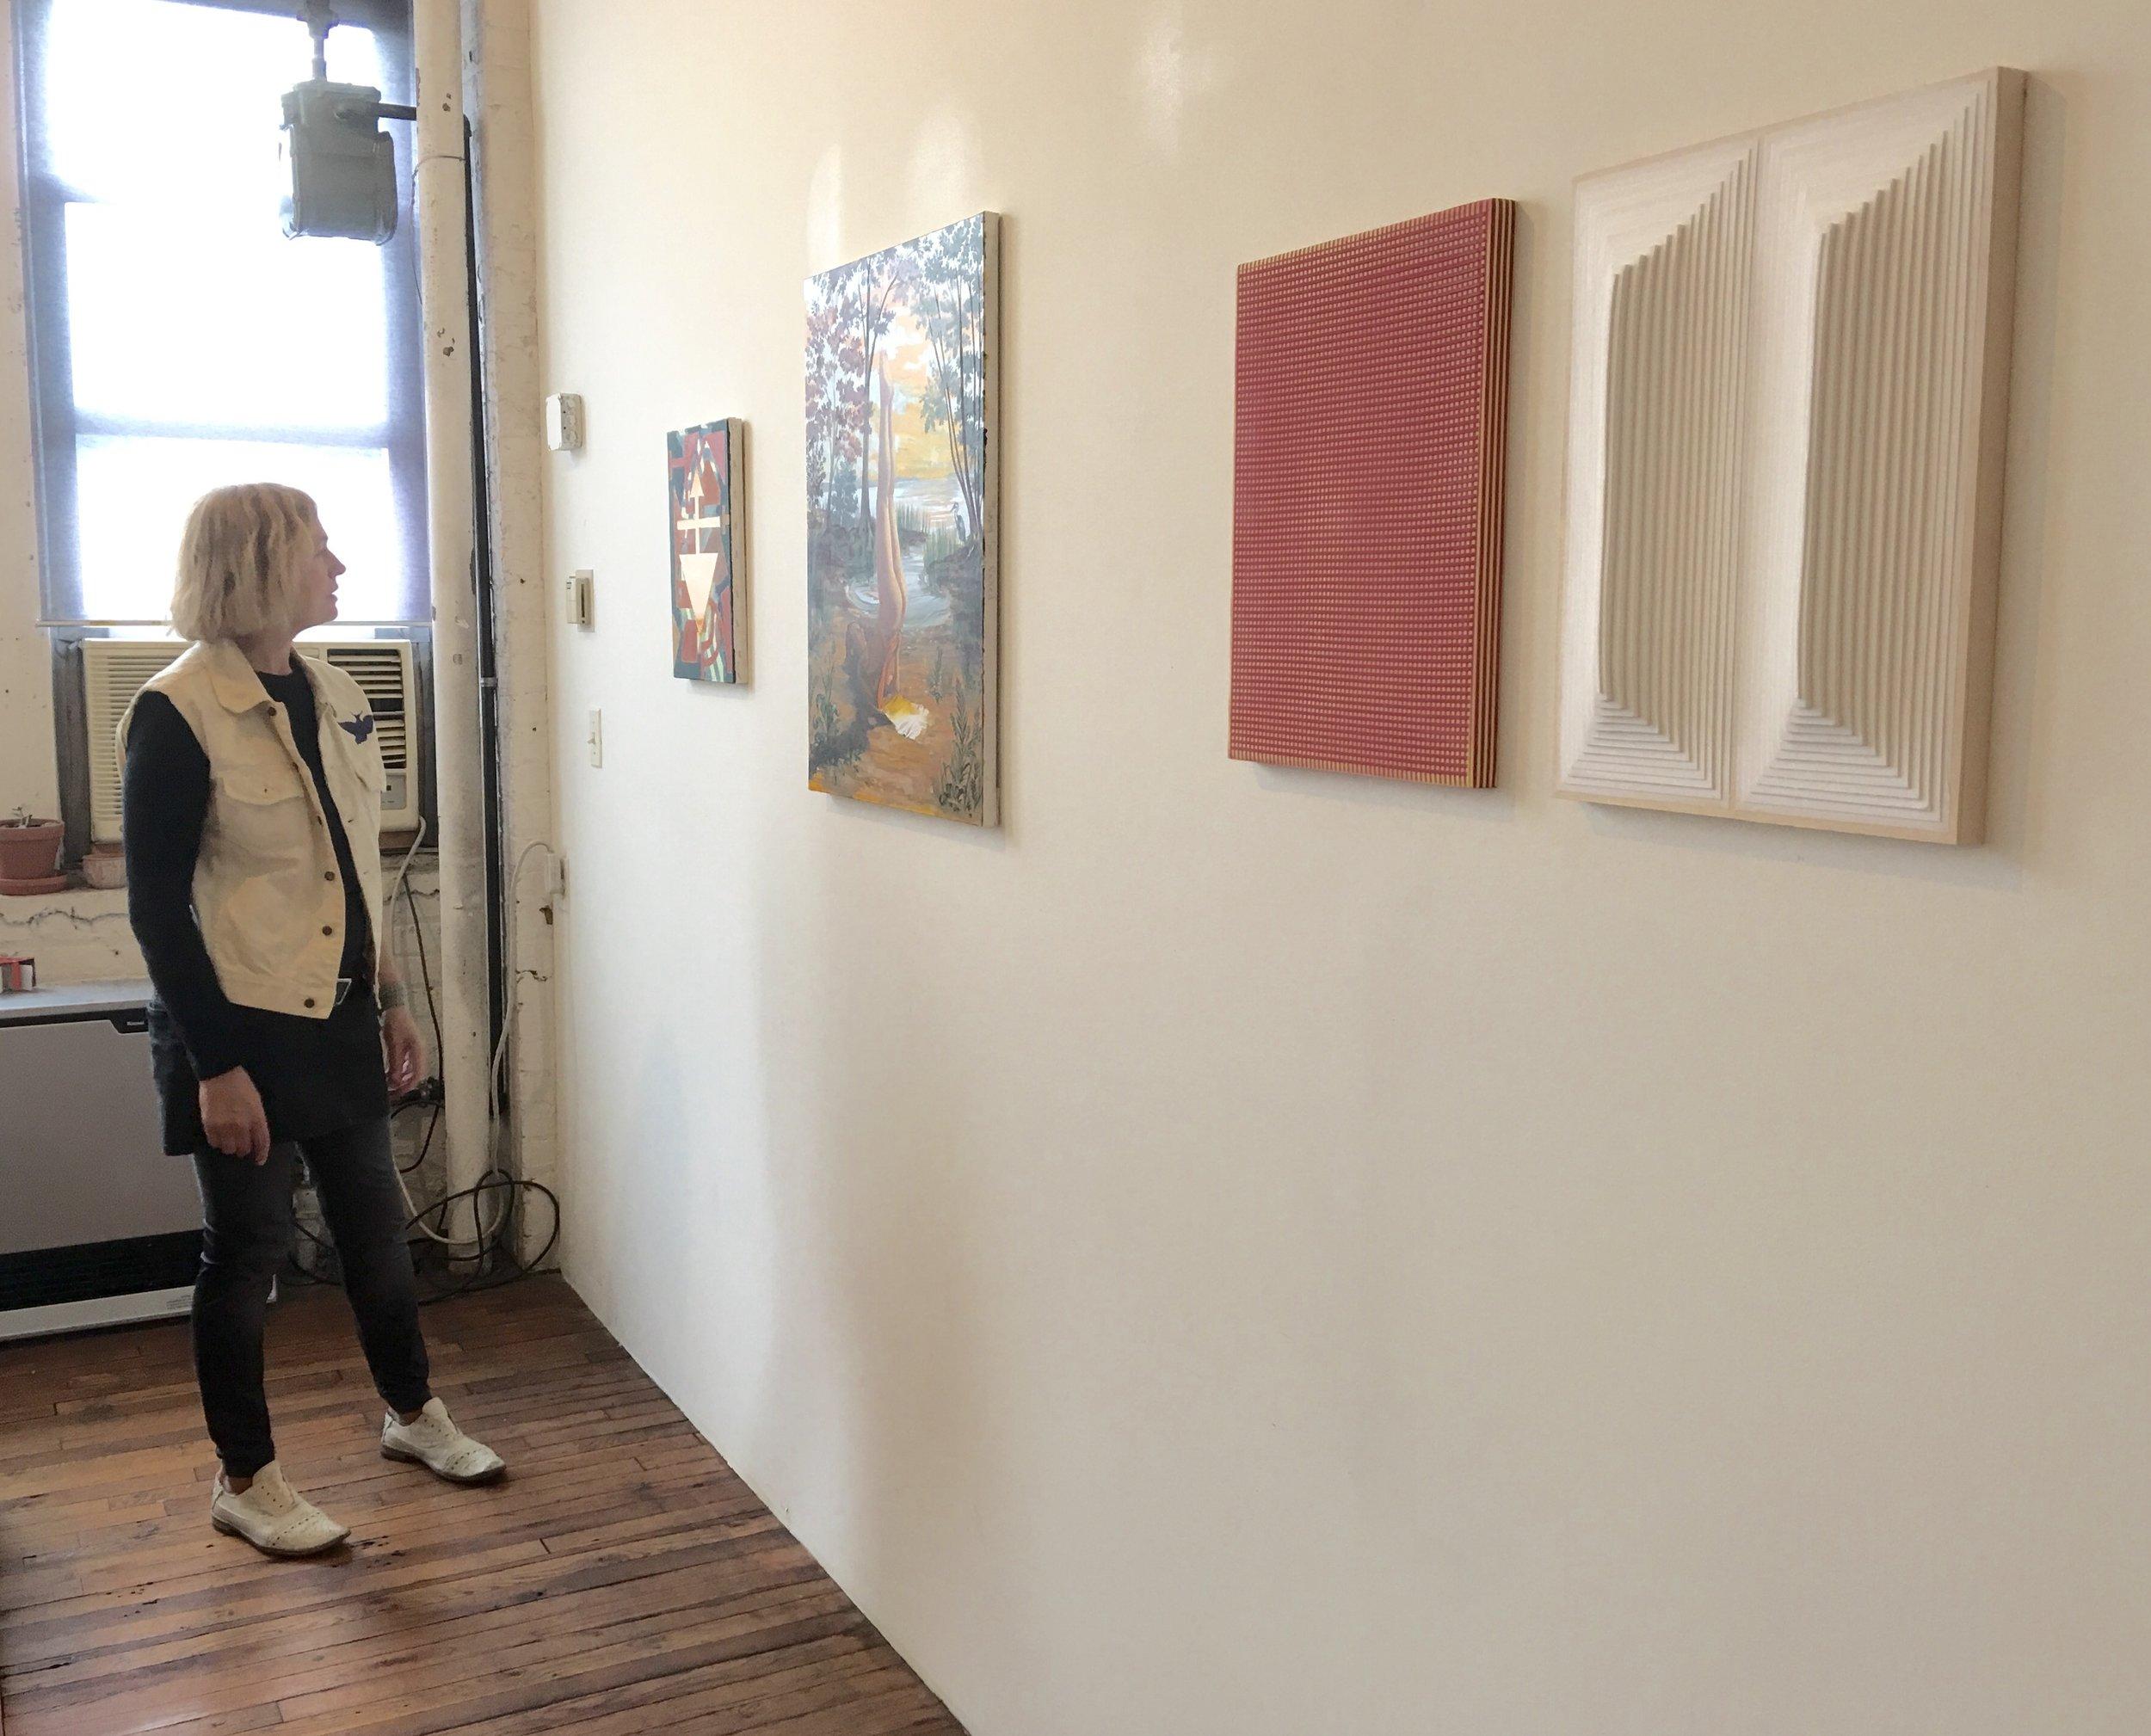 NEESH-Inna-Babaeva-with-Andy-Cross-paintings-BOS2016.jpg